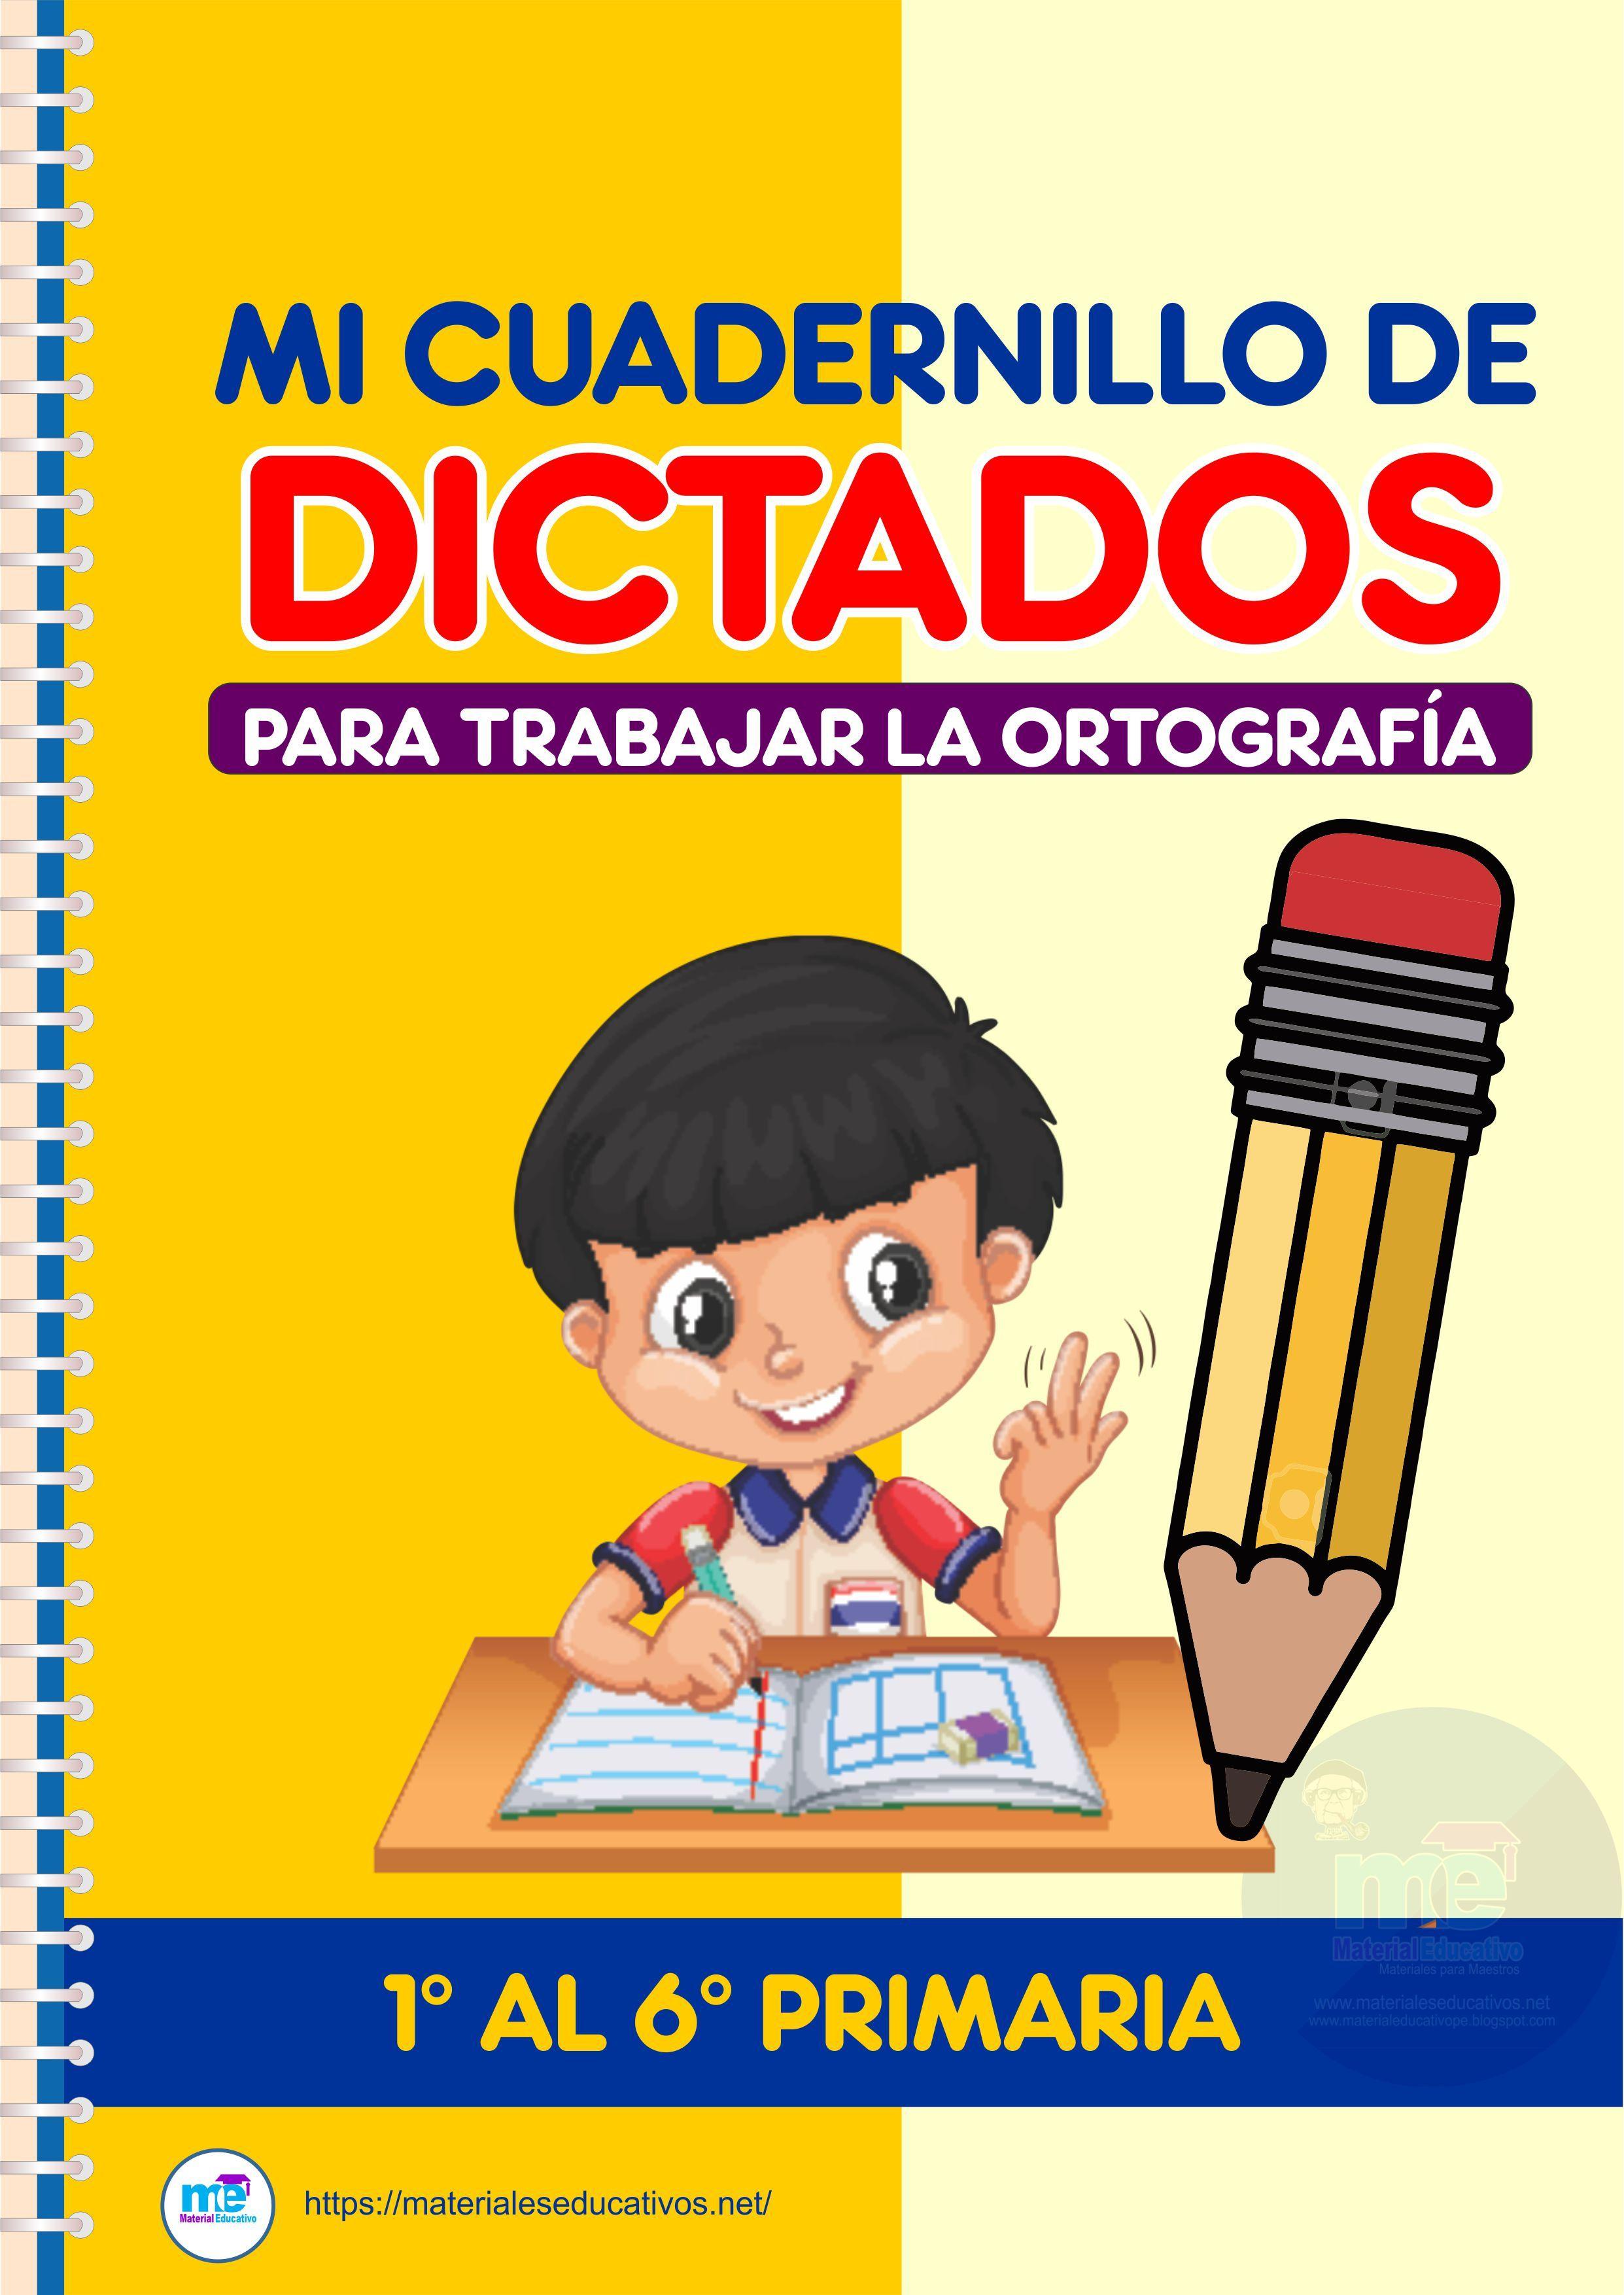 Mi Cuadernillo De Dictados Para Mejorar La Ortografía En Primaria En 2020 Libros De Lectoescritura Lecturas Comprensivas Para Primaria Libros De Matemáticas